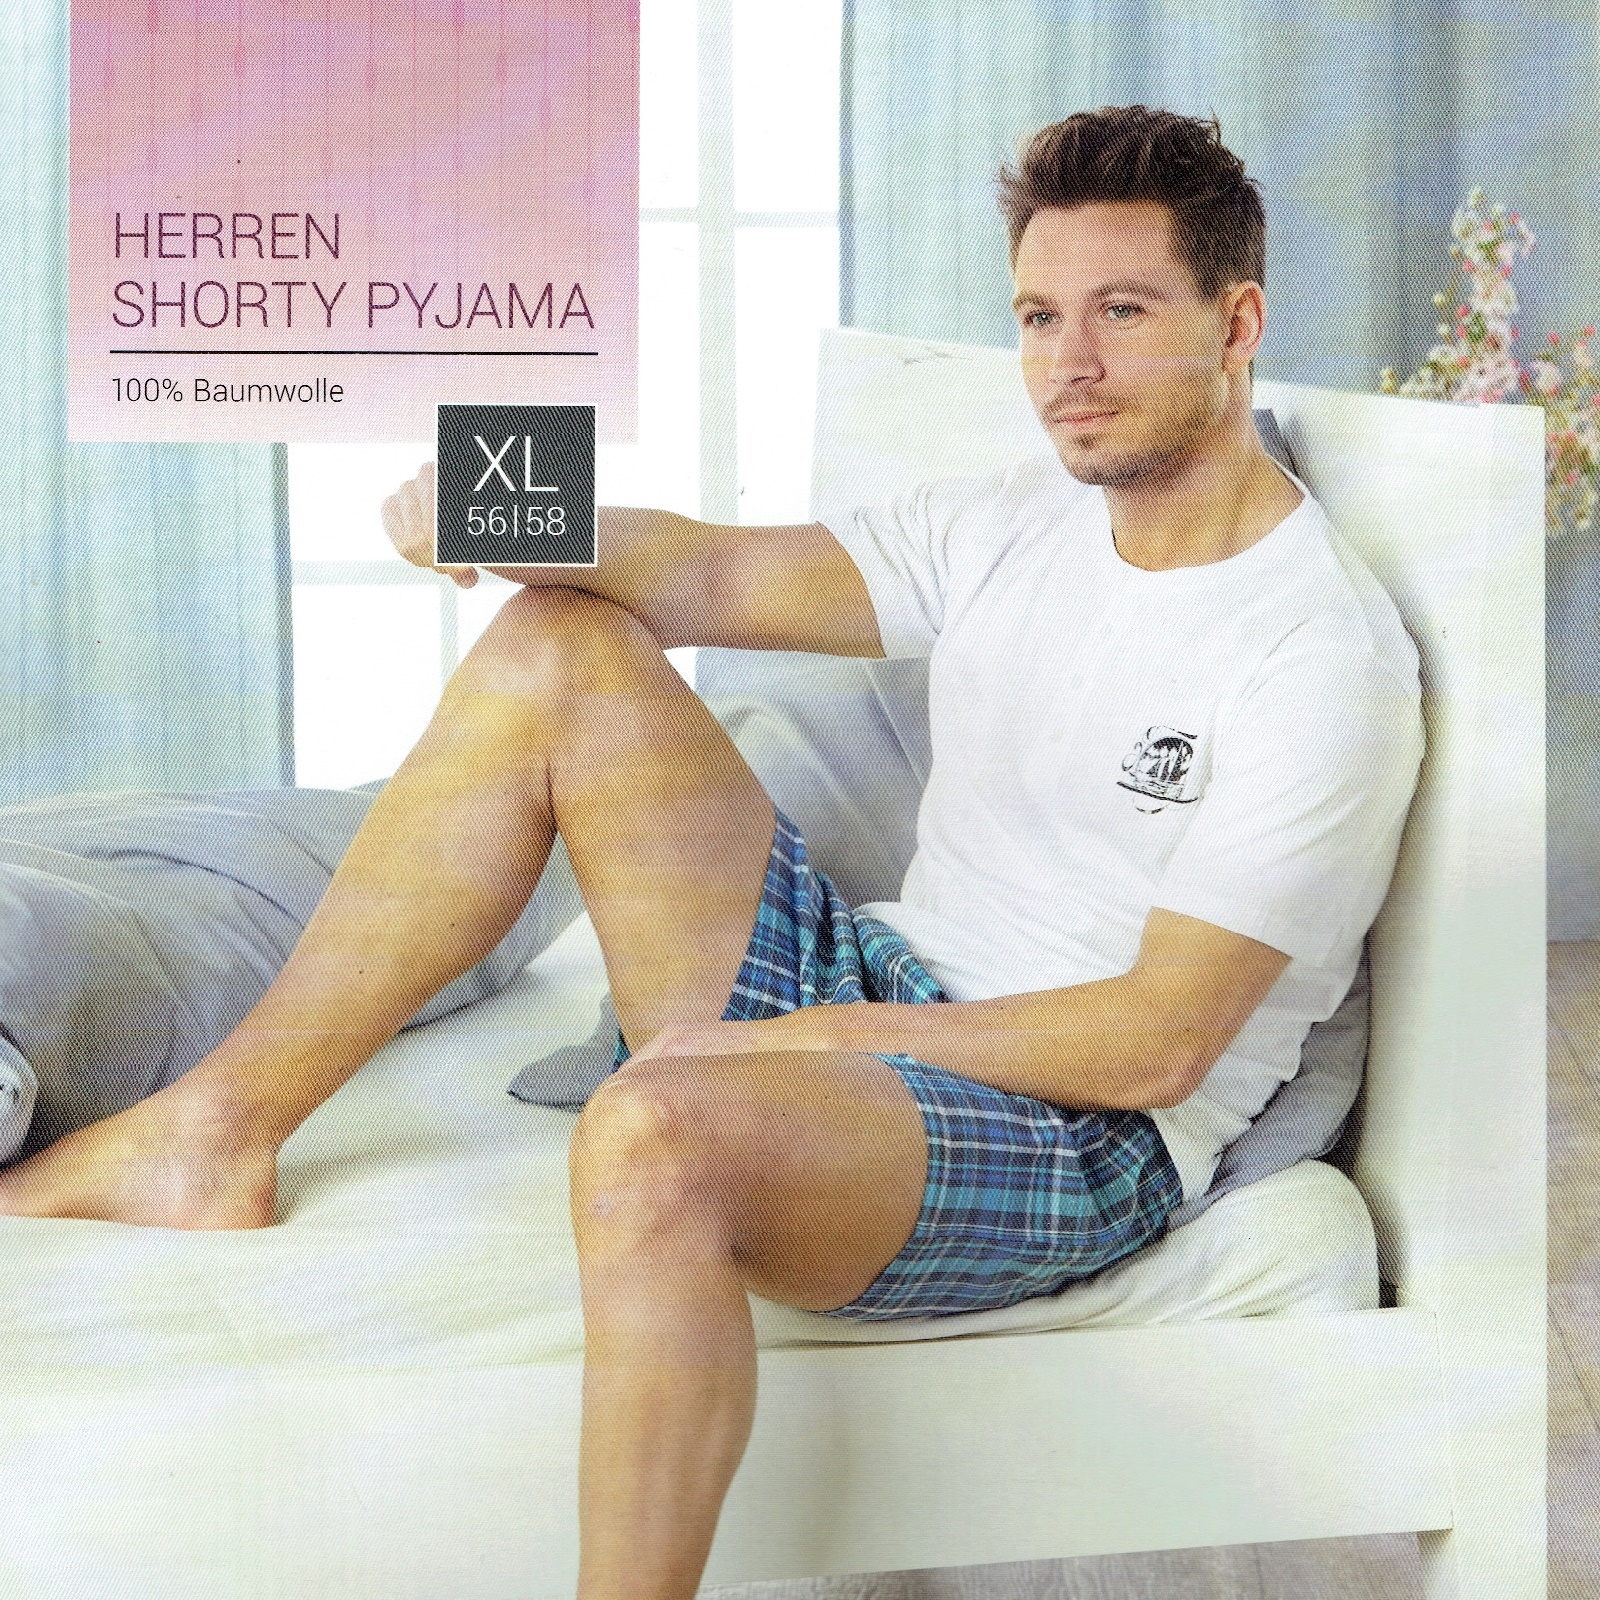 Herren-Schlafhose-Schlafanzug-Pyjama-Shorty-100-Baumwolle-Nachtwaesche-gewebt Indexbild 20